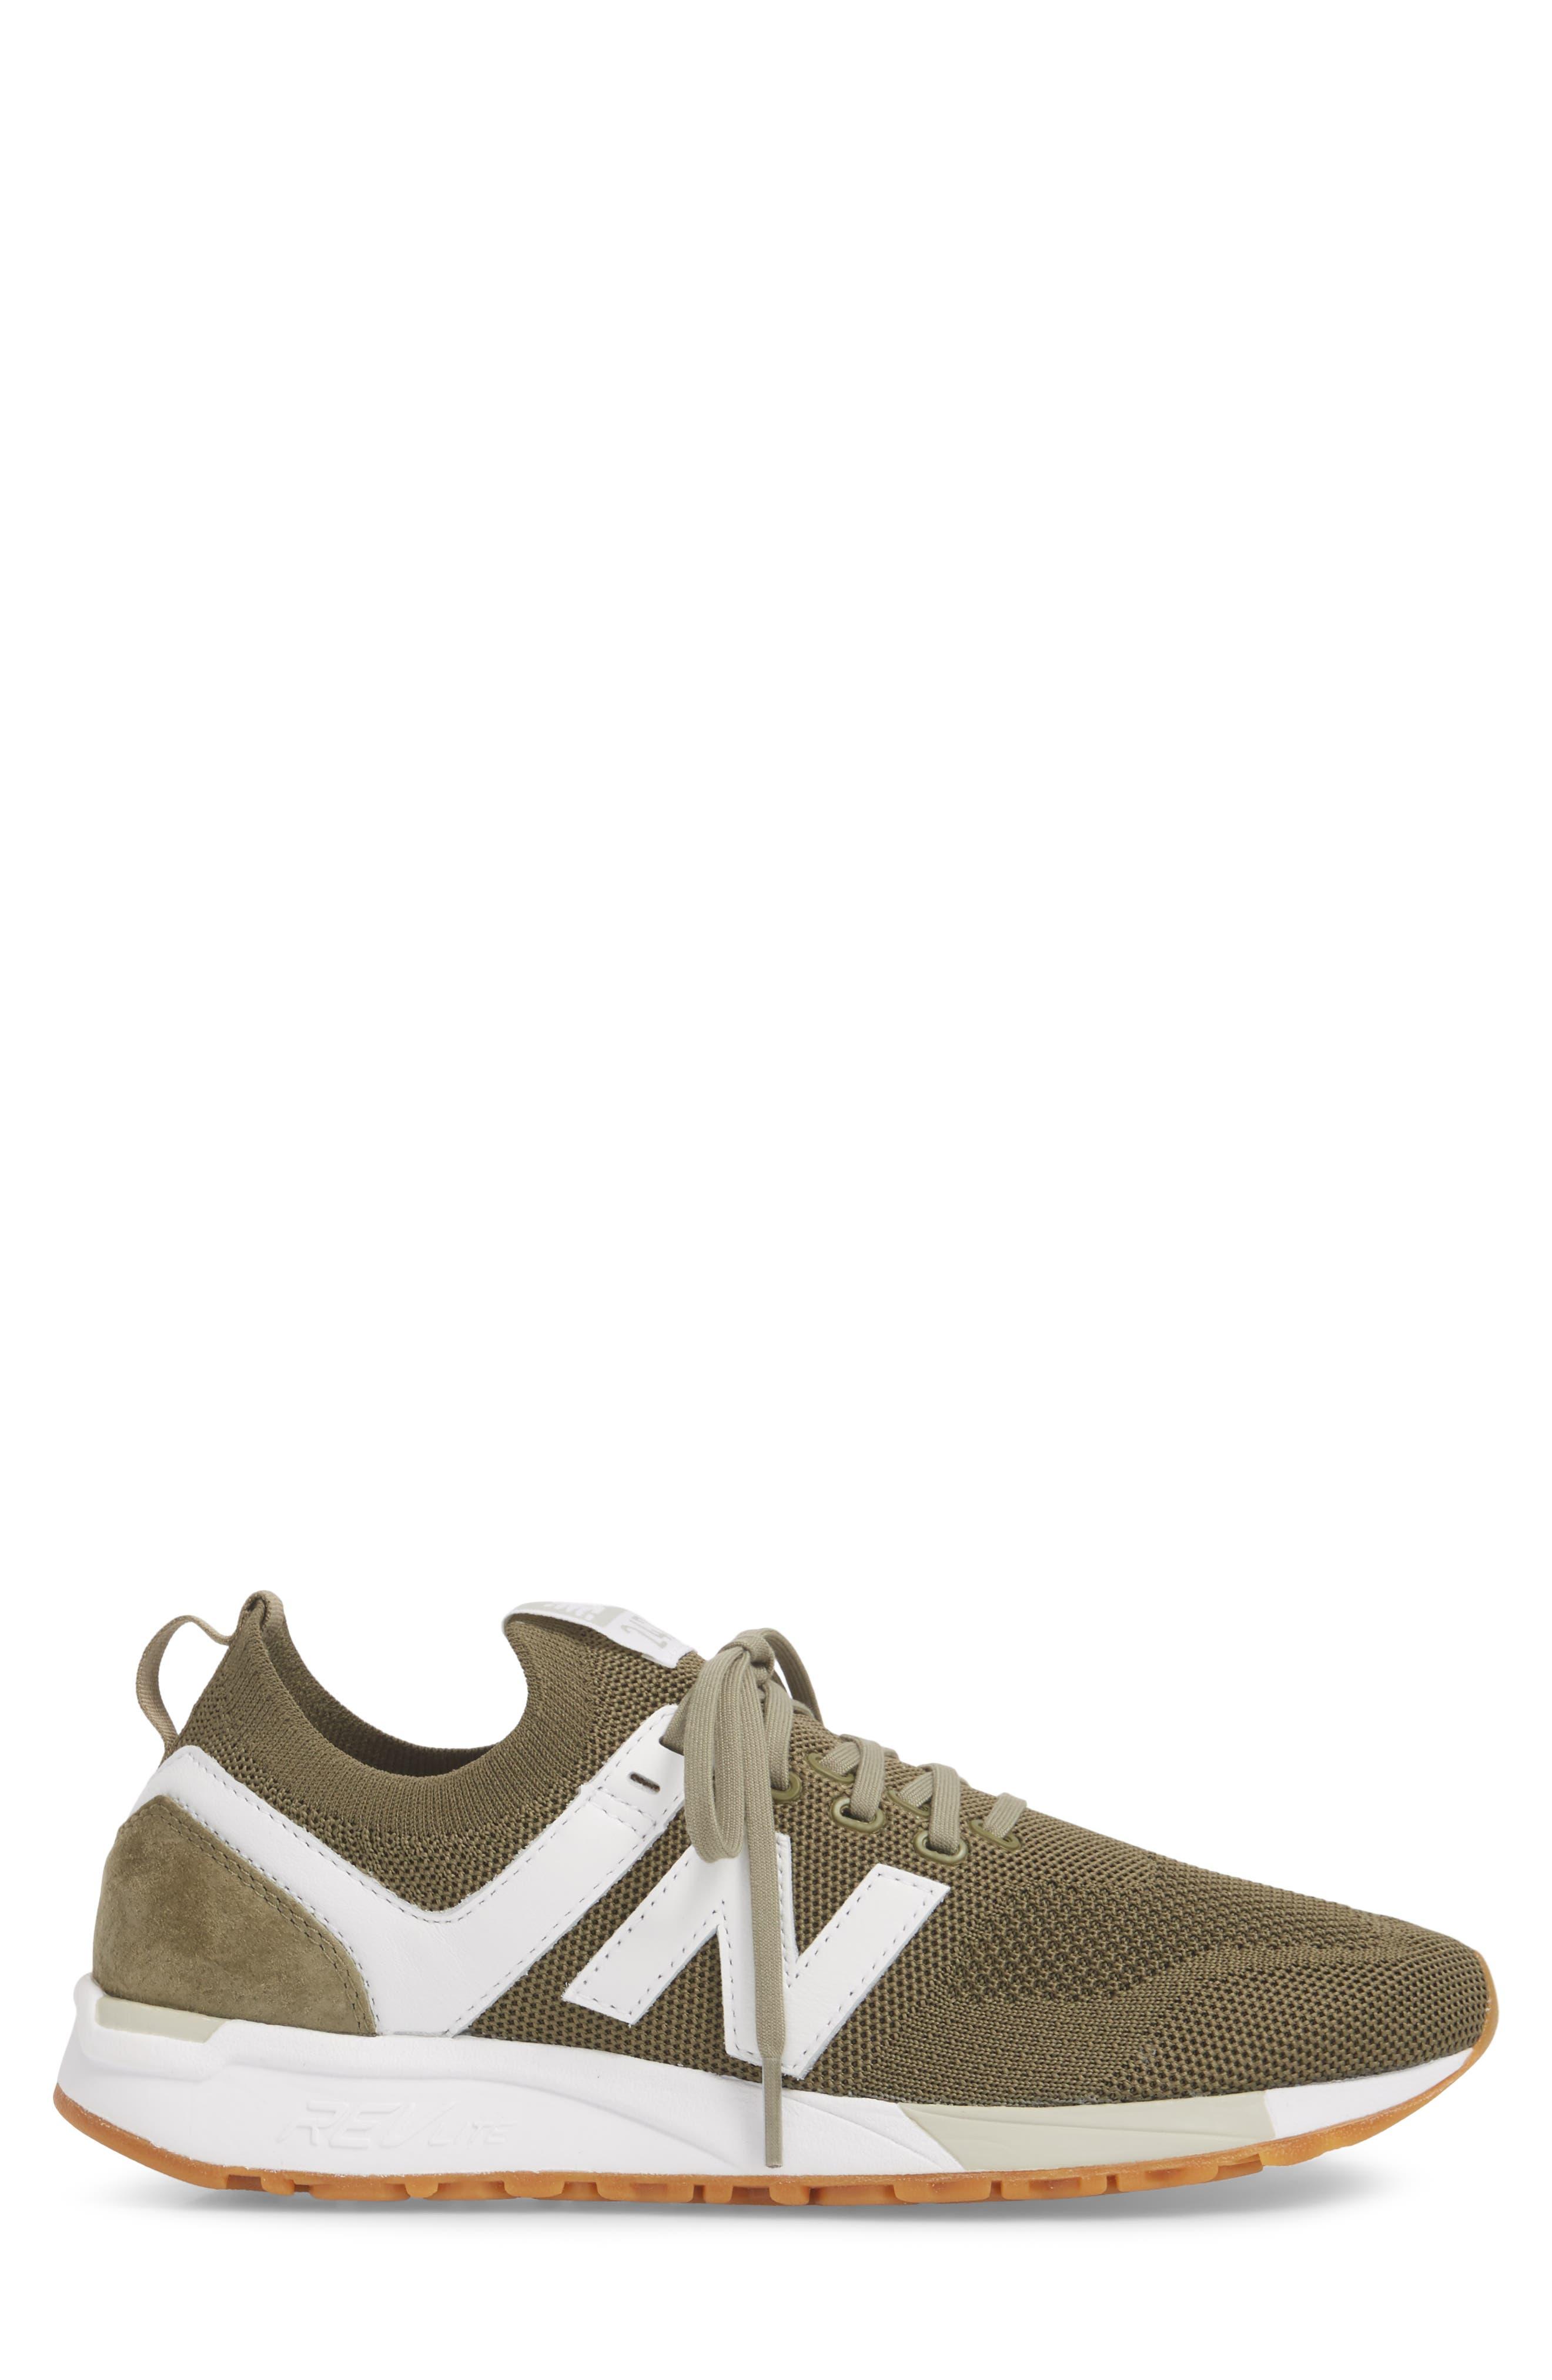 247 Decon Sneaker,                             Alternate thumbnail 3, color,                             COVERT GREEN